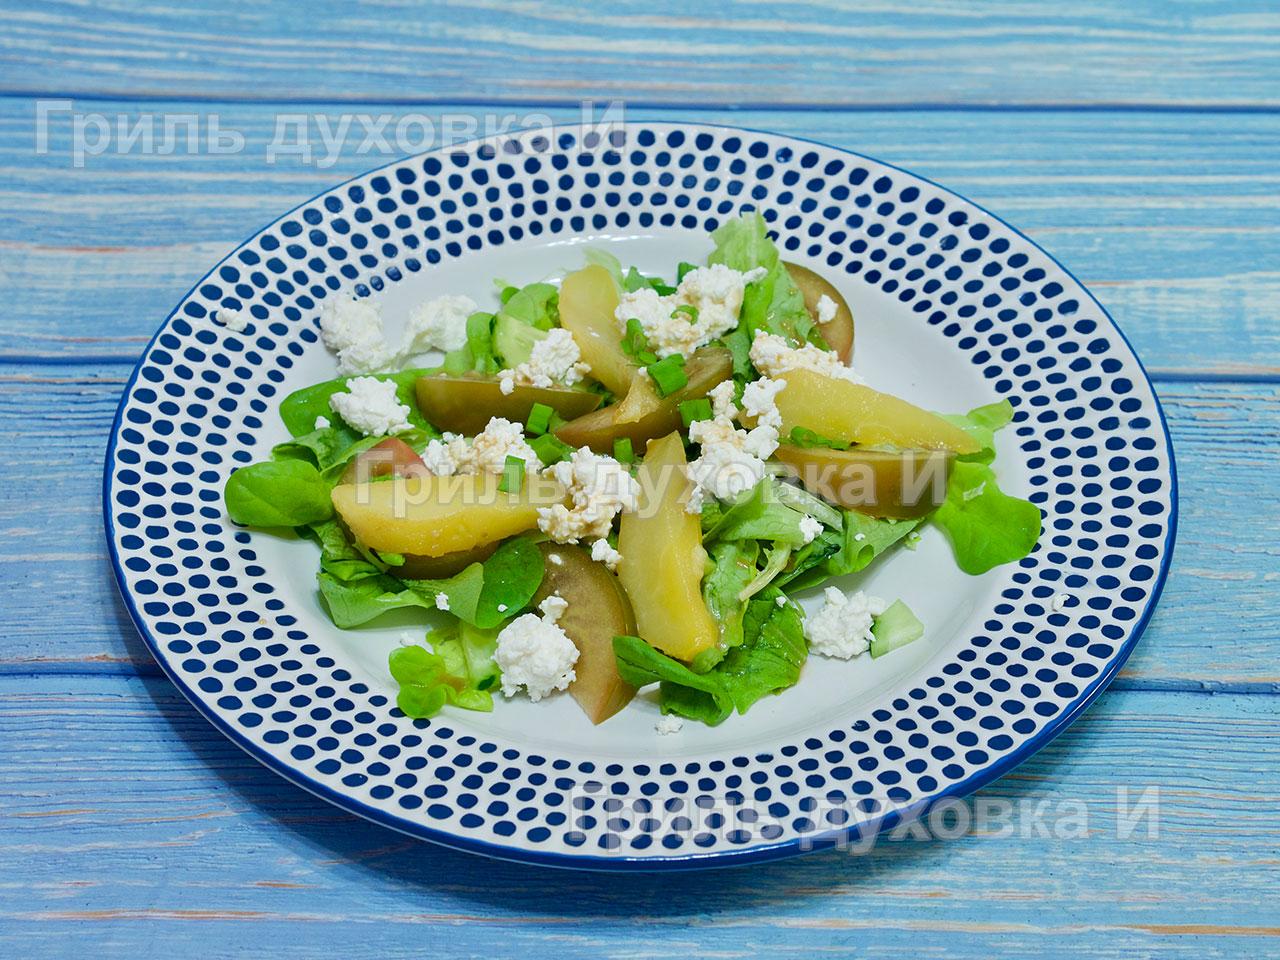 Салат с грушей, творогом и горчично-гранатовым соусом.